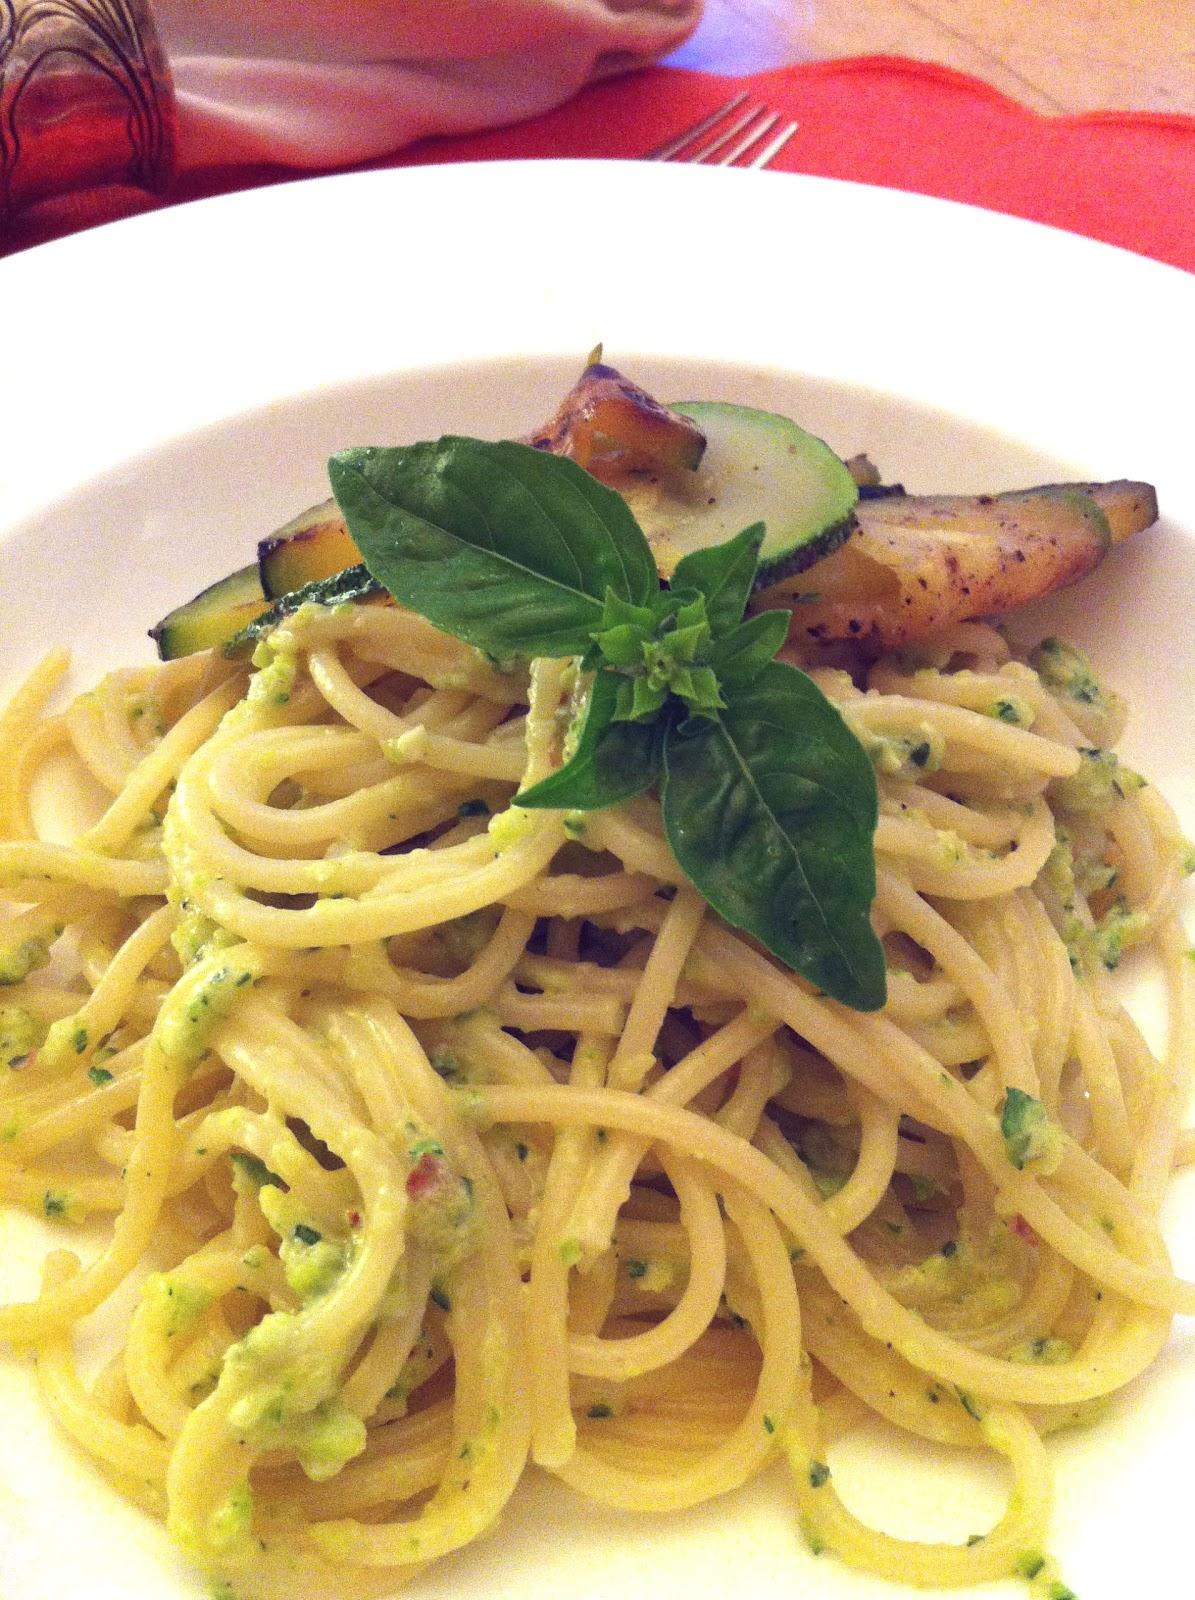 Cuisiner bien spaghetti mit zucchini pesto - Cuisiner courgette spaghetti ...